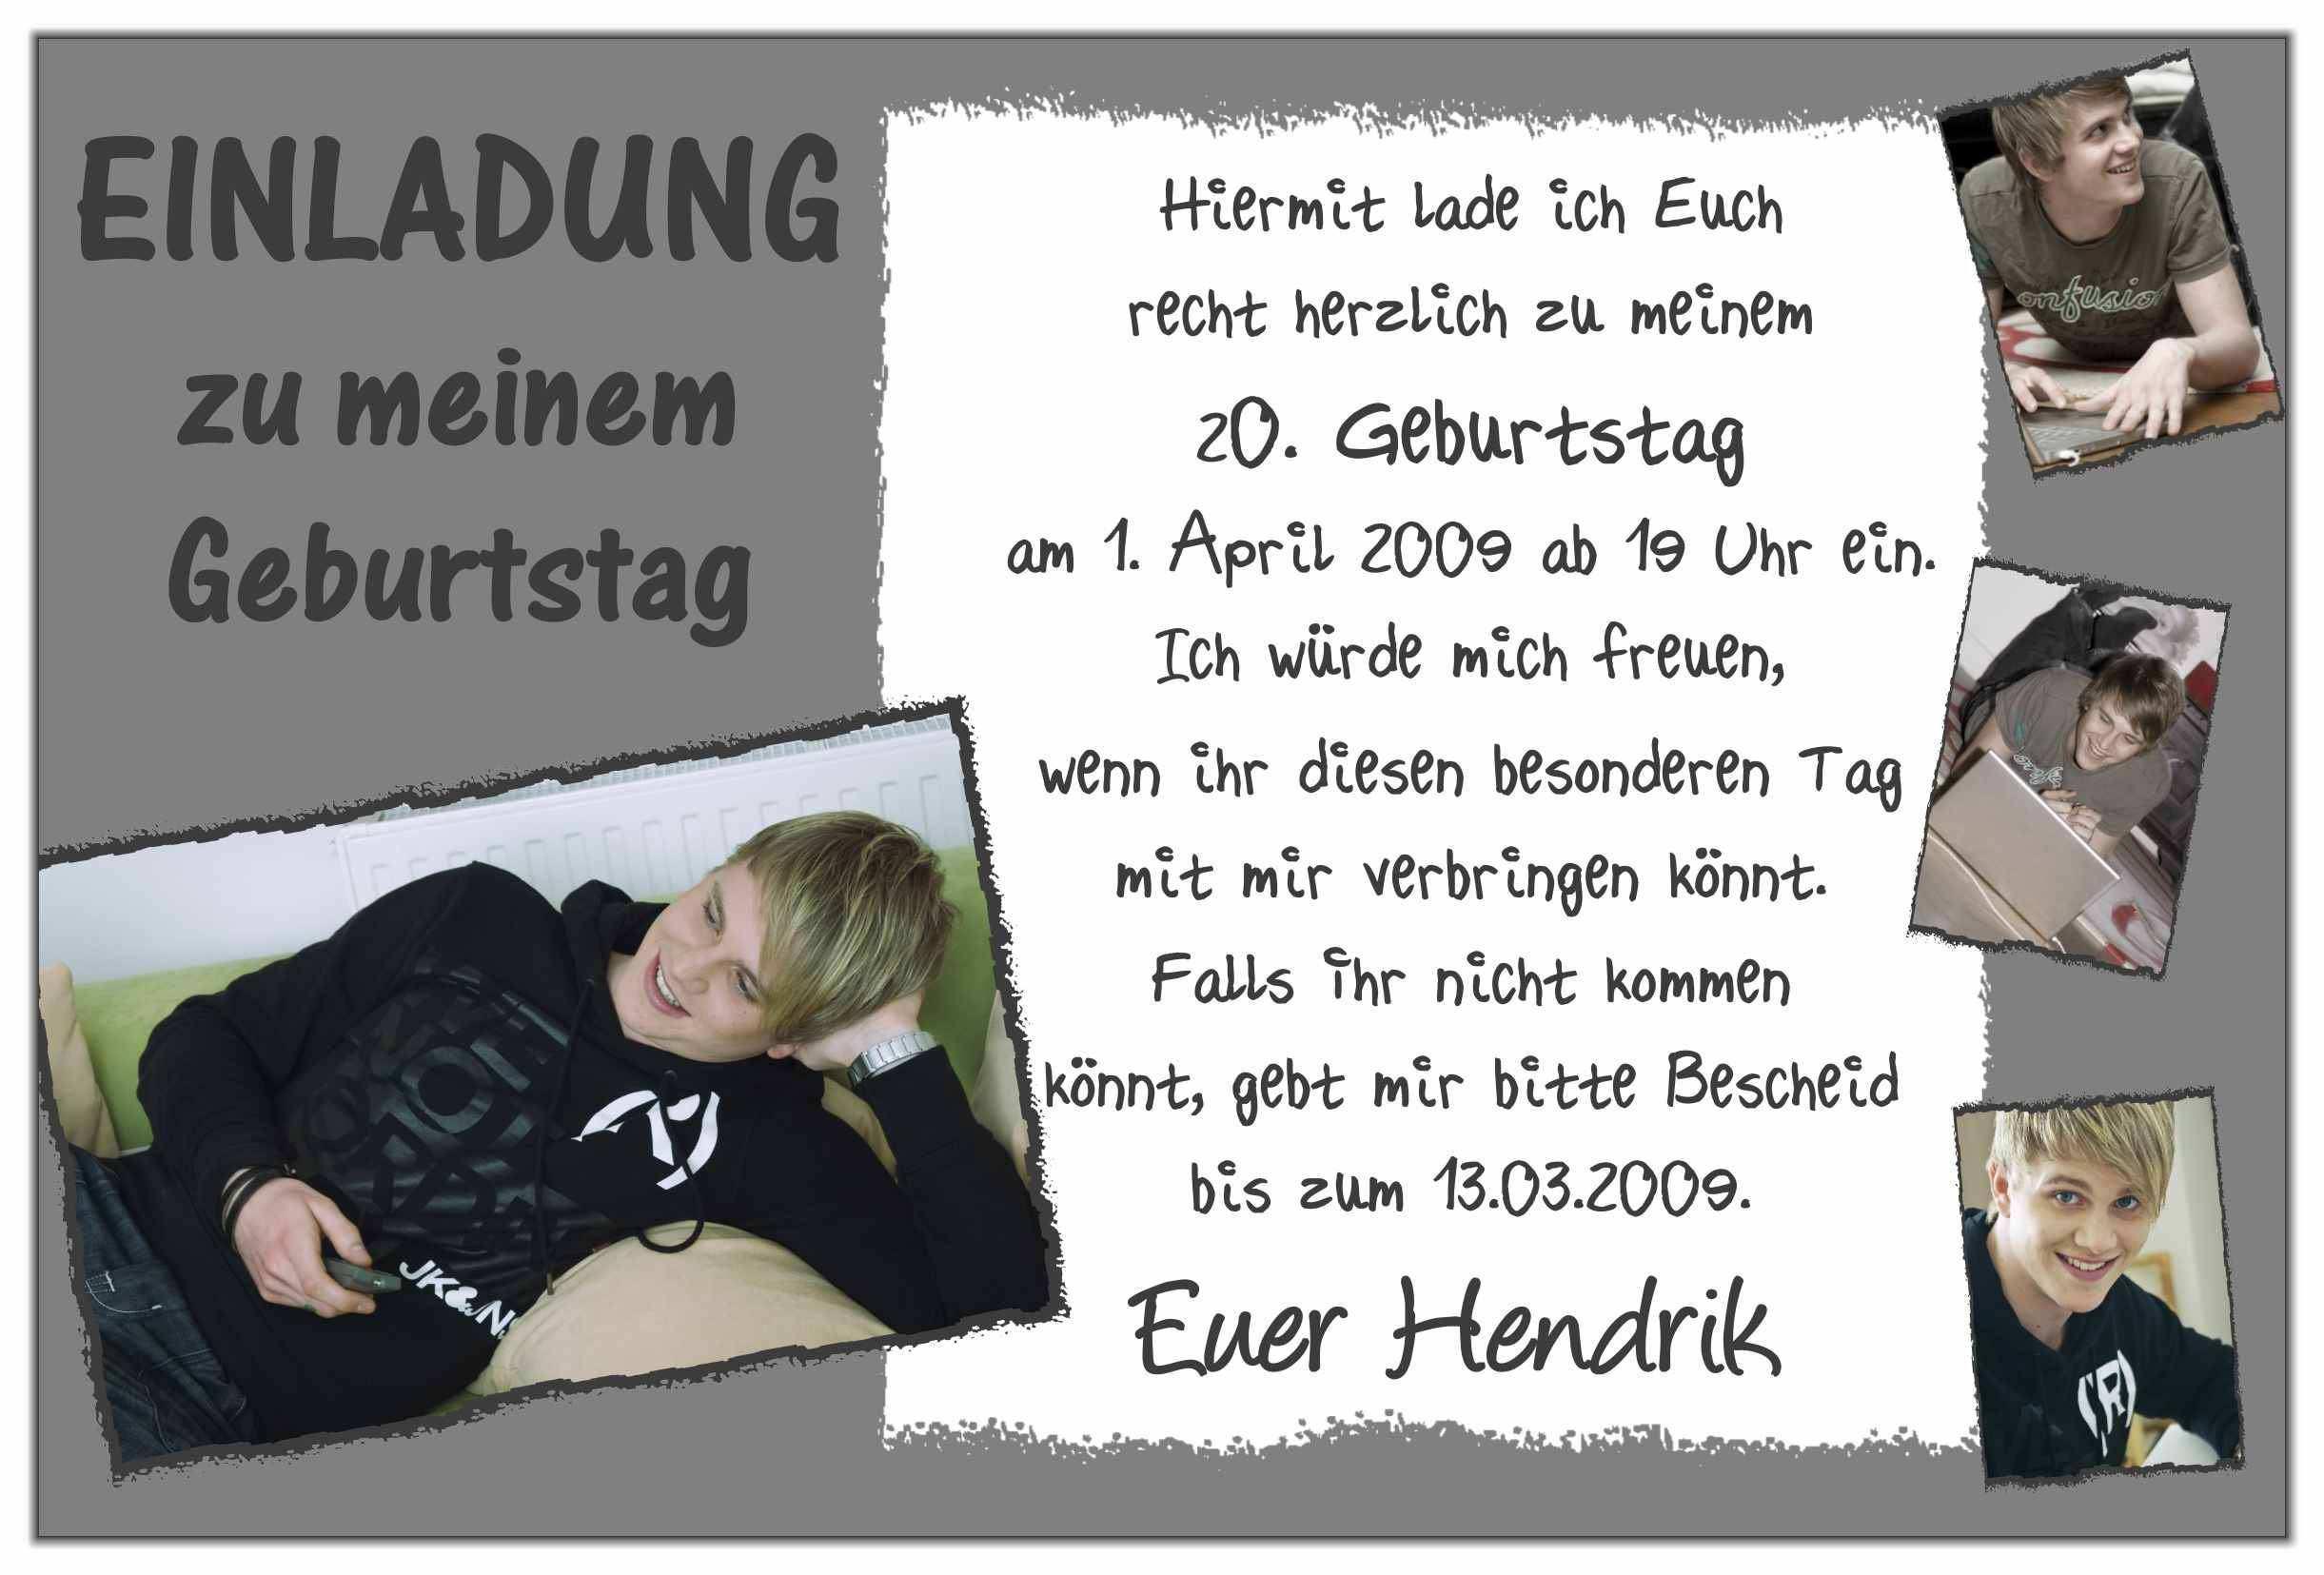 Einladungskarten Geburtstag Einladungskarten 30 Geburtstag Vorlagen Kostenlos Einladung Zum Geburtstag Einladung Zum Geburtstag